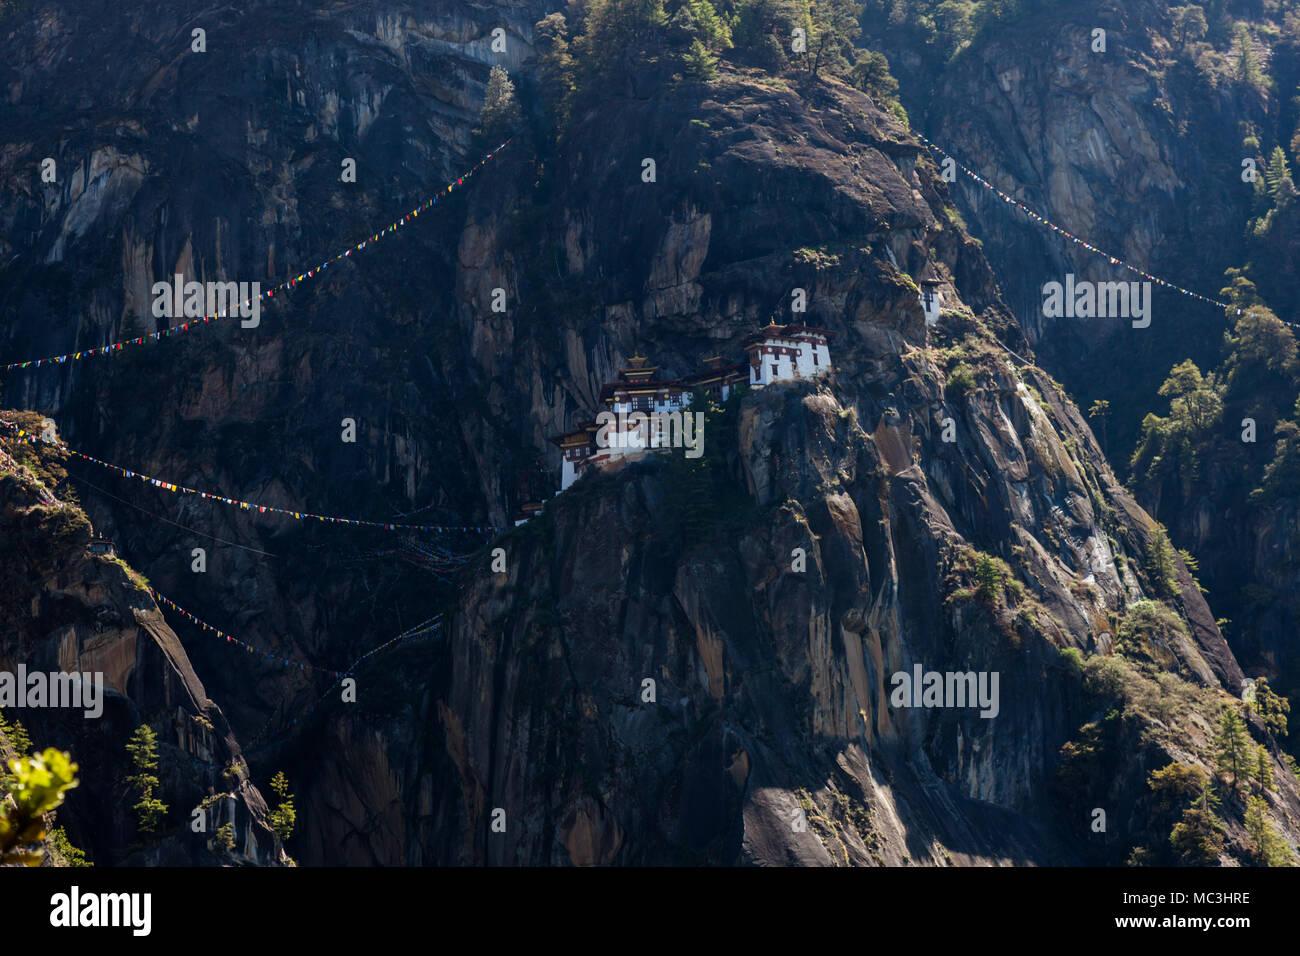 Paro Taktsang des aka Tiger Nest ist ein altes Kloster auf einer Klippe auf einem Berg in Paro, Bhutan gelegen Stockfoto